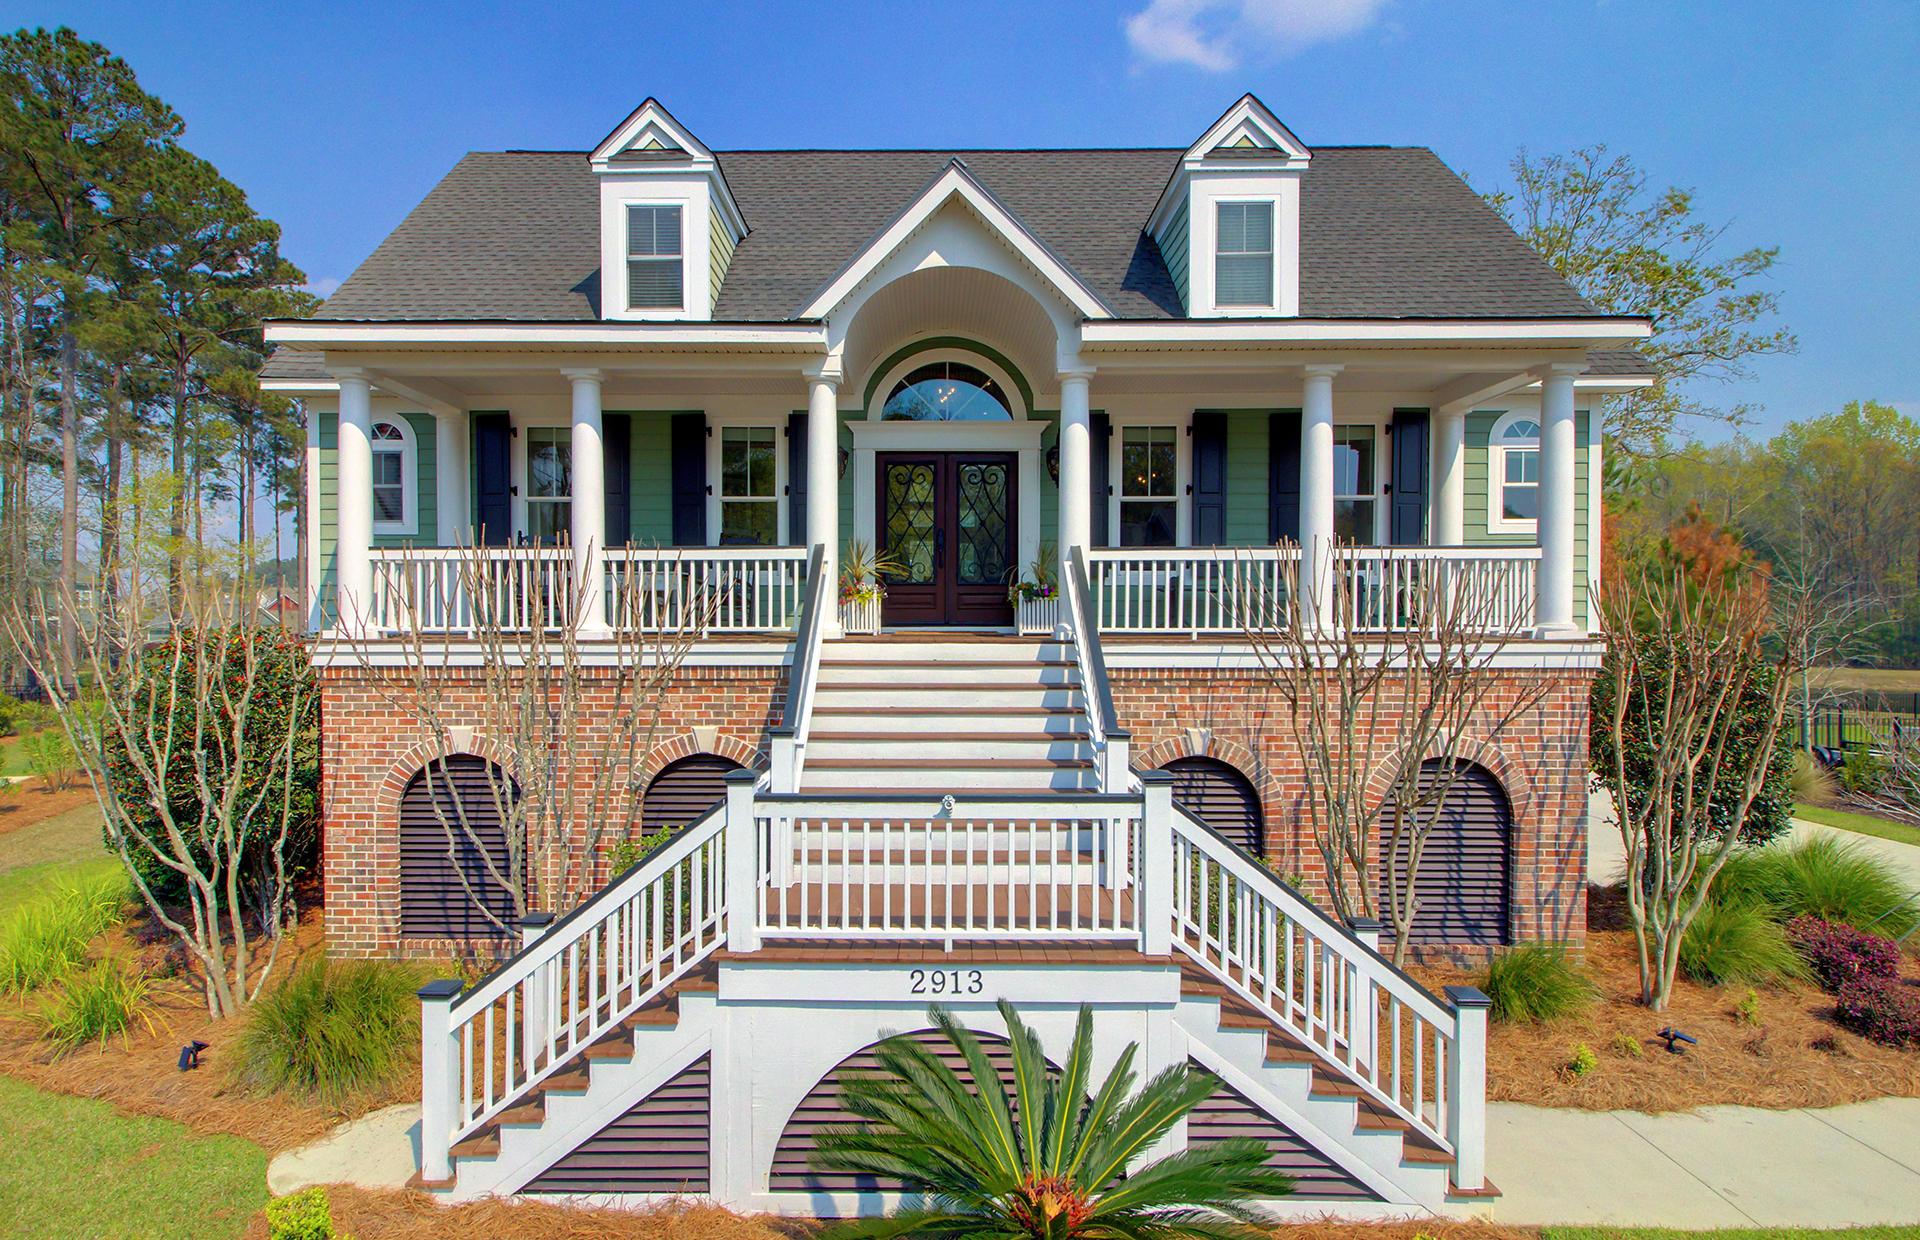 Dunes West Homes For Sale - 2913 Yachtsman, Mount Pleasant, SC - 38